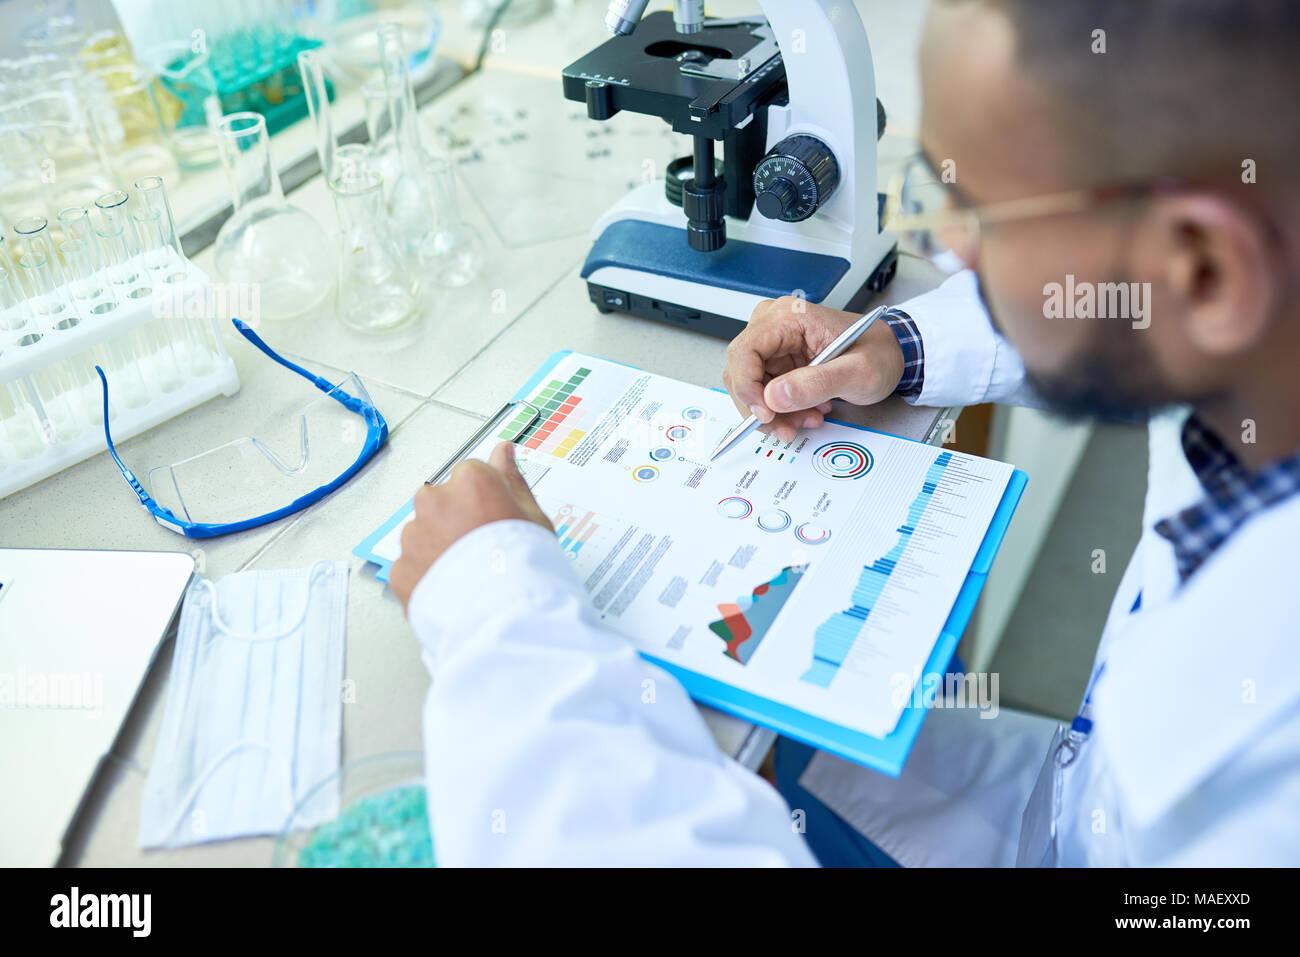 Arabische Wissenschaftler die Analyse der Ergebnisse Stockbild